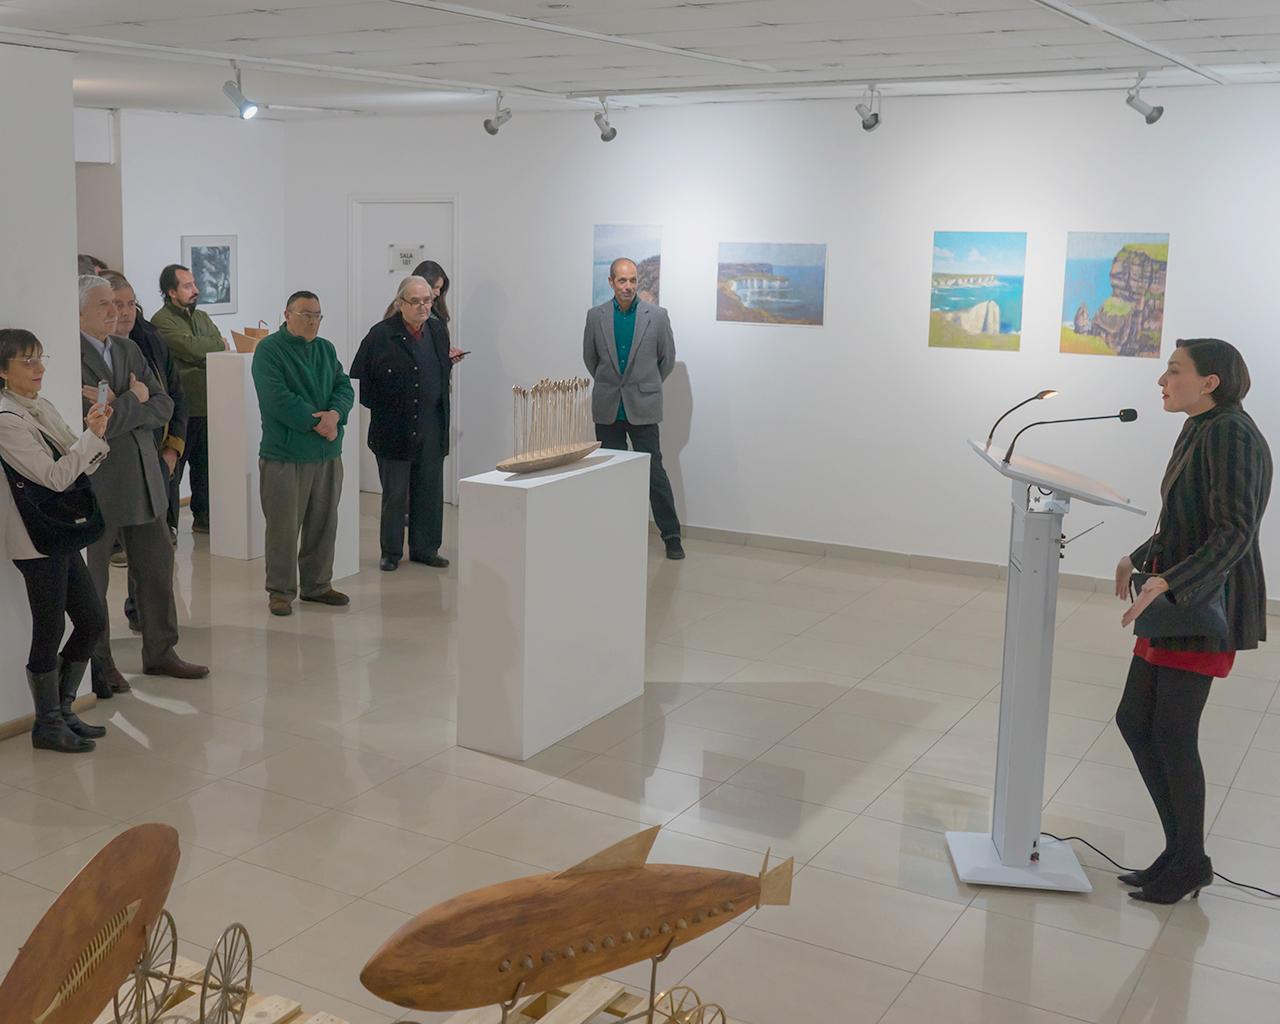 Exposición inspirada en mares del sur llega a Campus Santiago